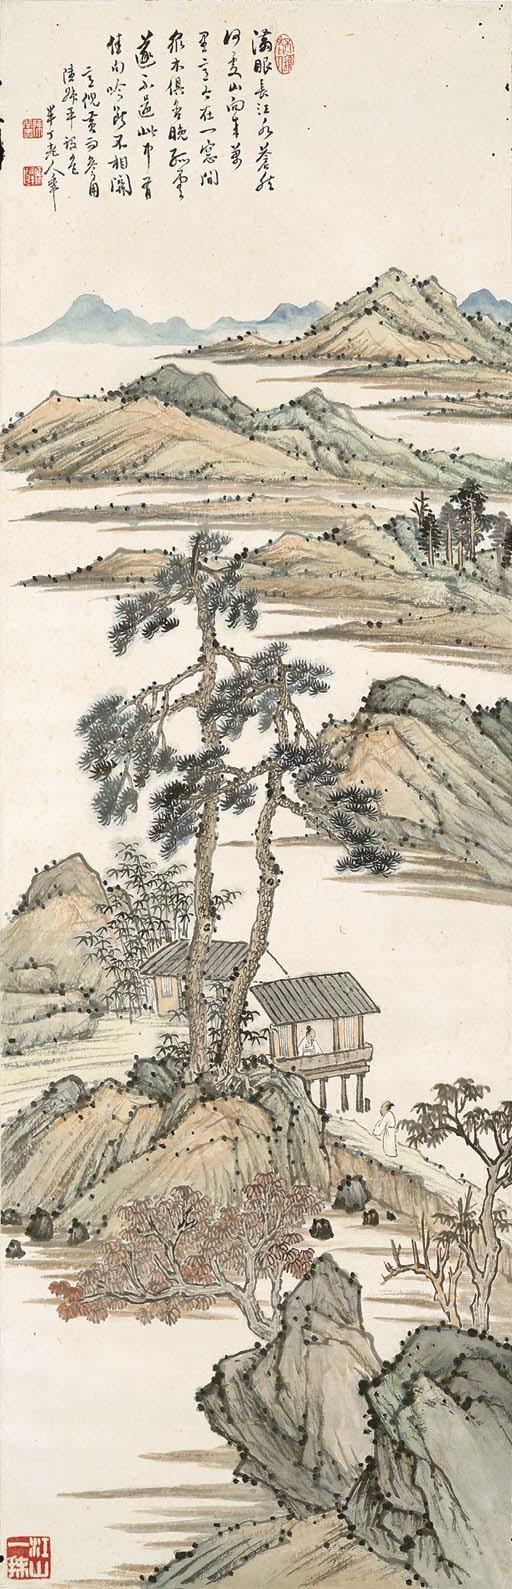 CHEN NIAN (CHEN BANDING, 1877-1970)